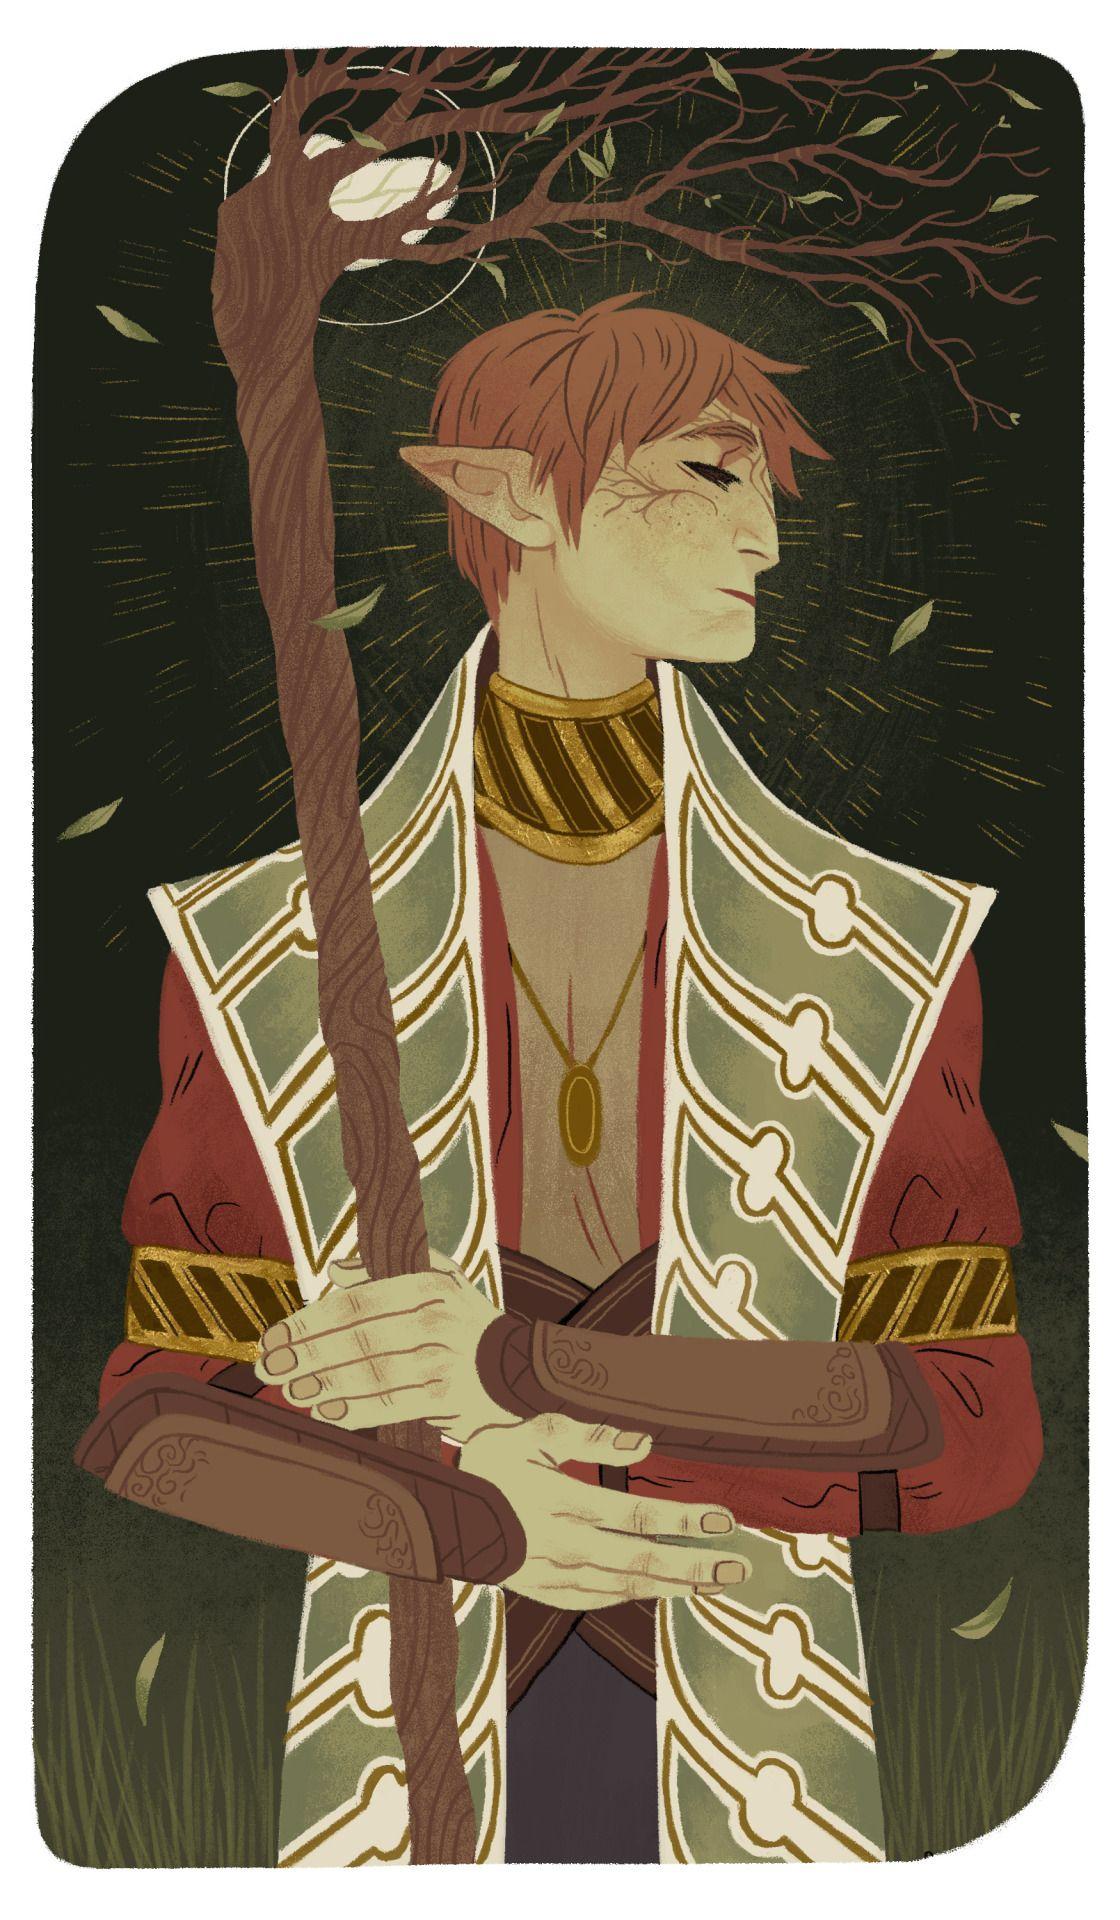 Meexart: Inquisitor Lavellan